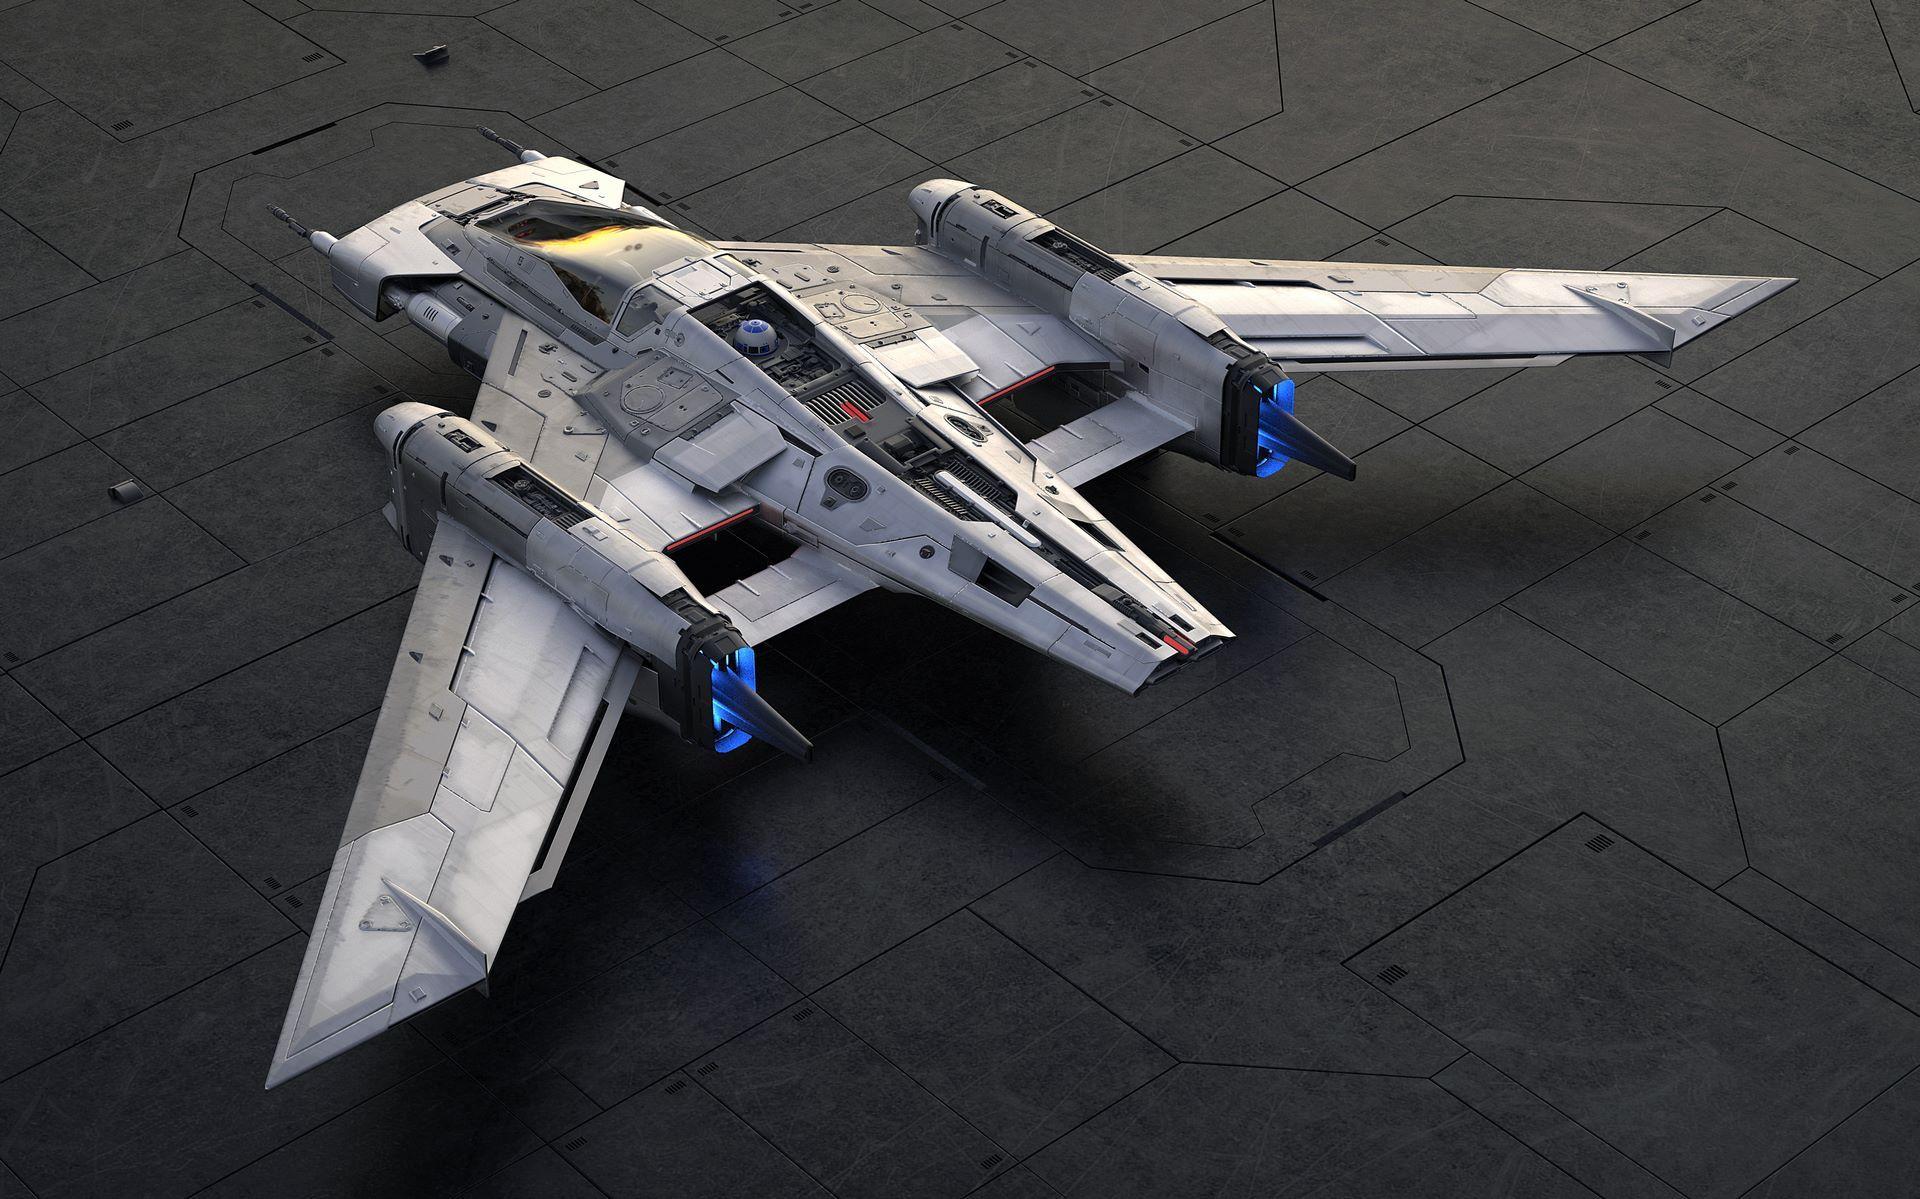 Porsche-Star-Wars-starfighter-space-ship-2